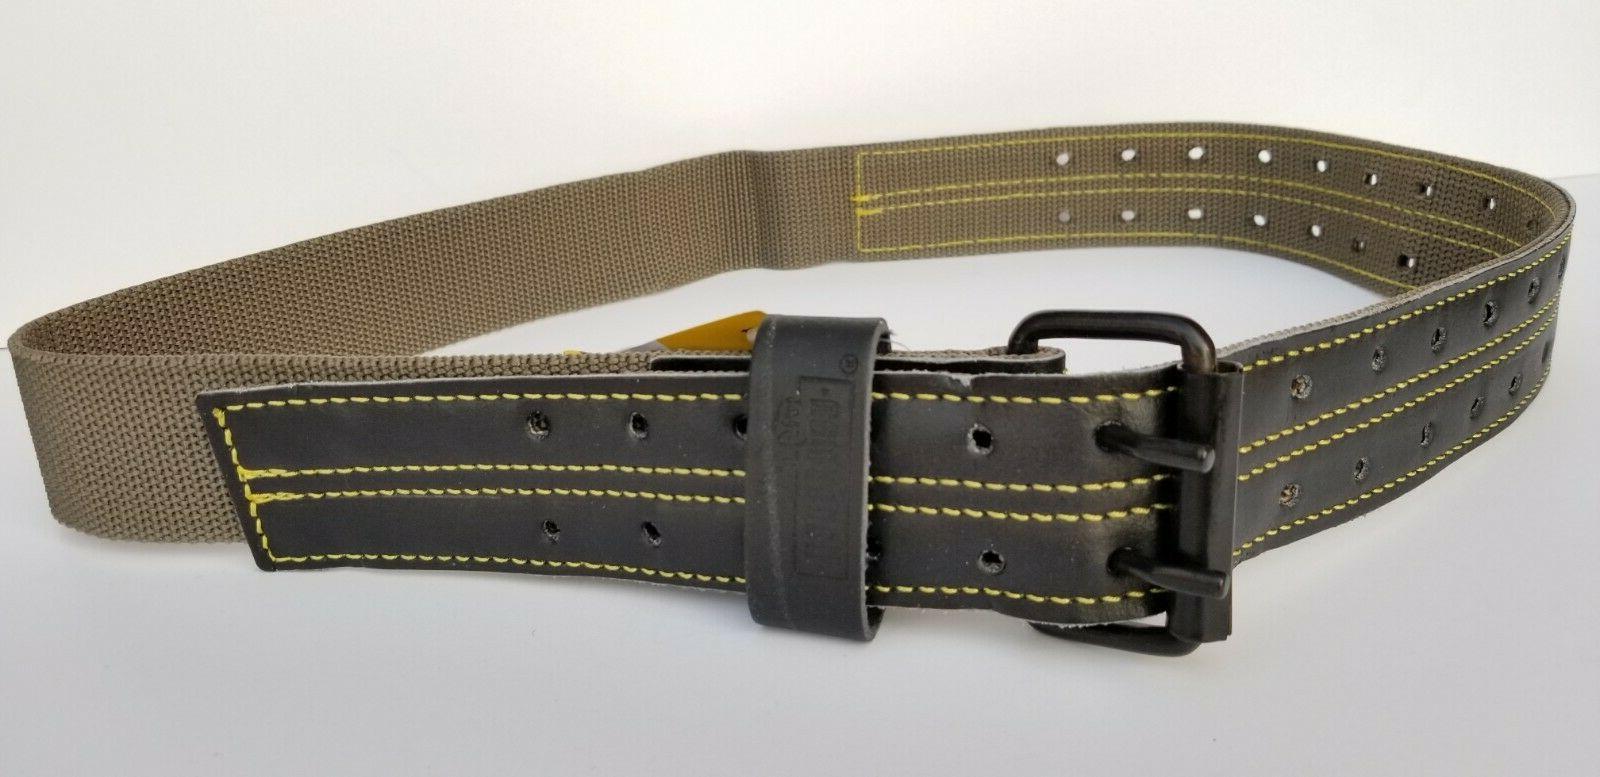 2 inch nylon work belt for waist